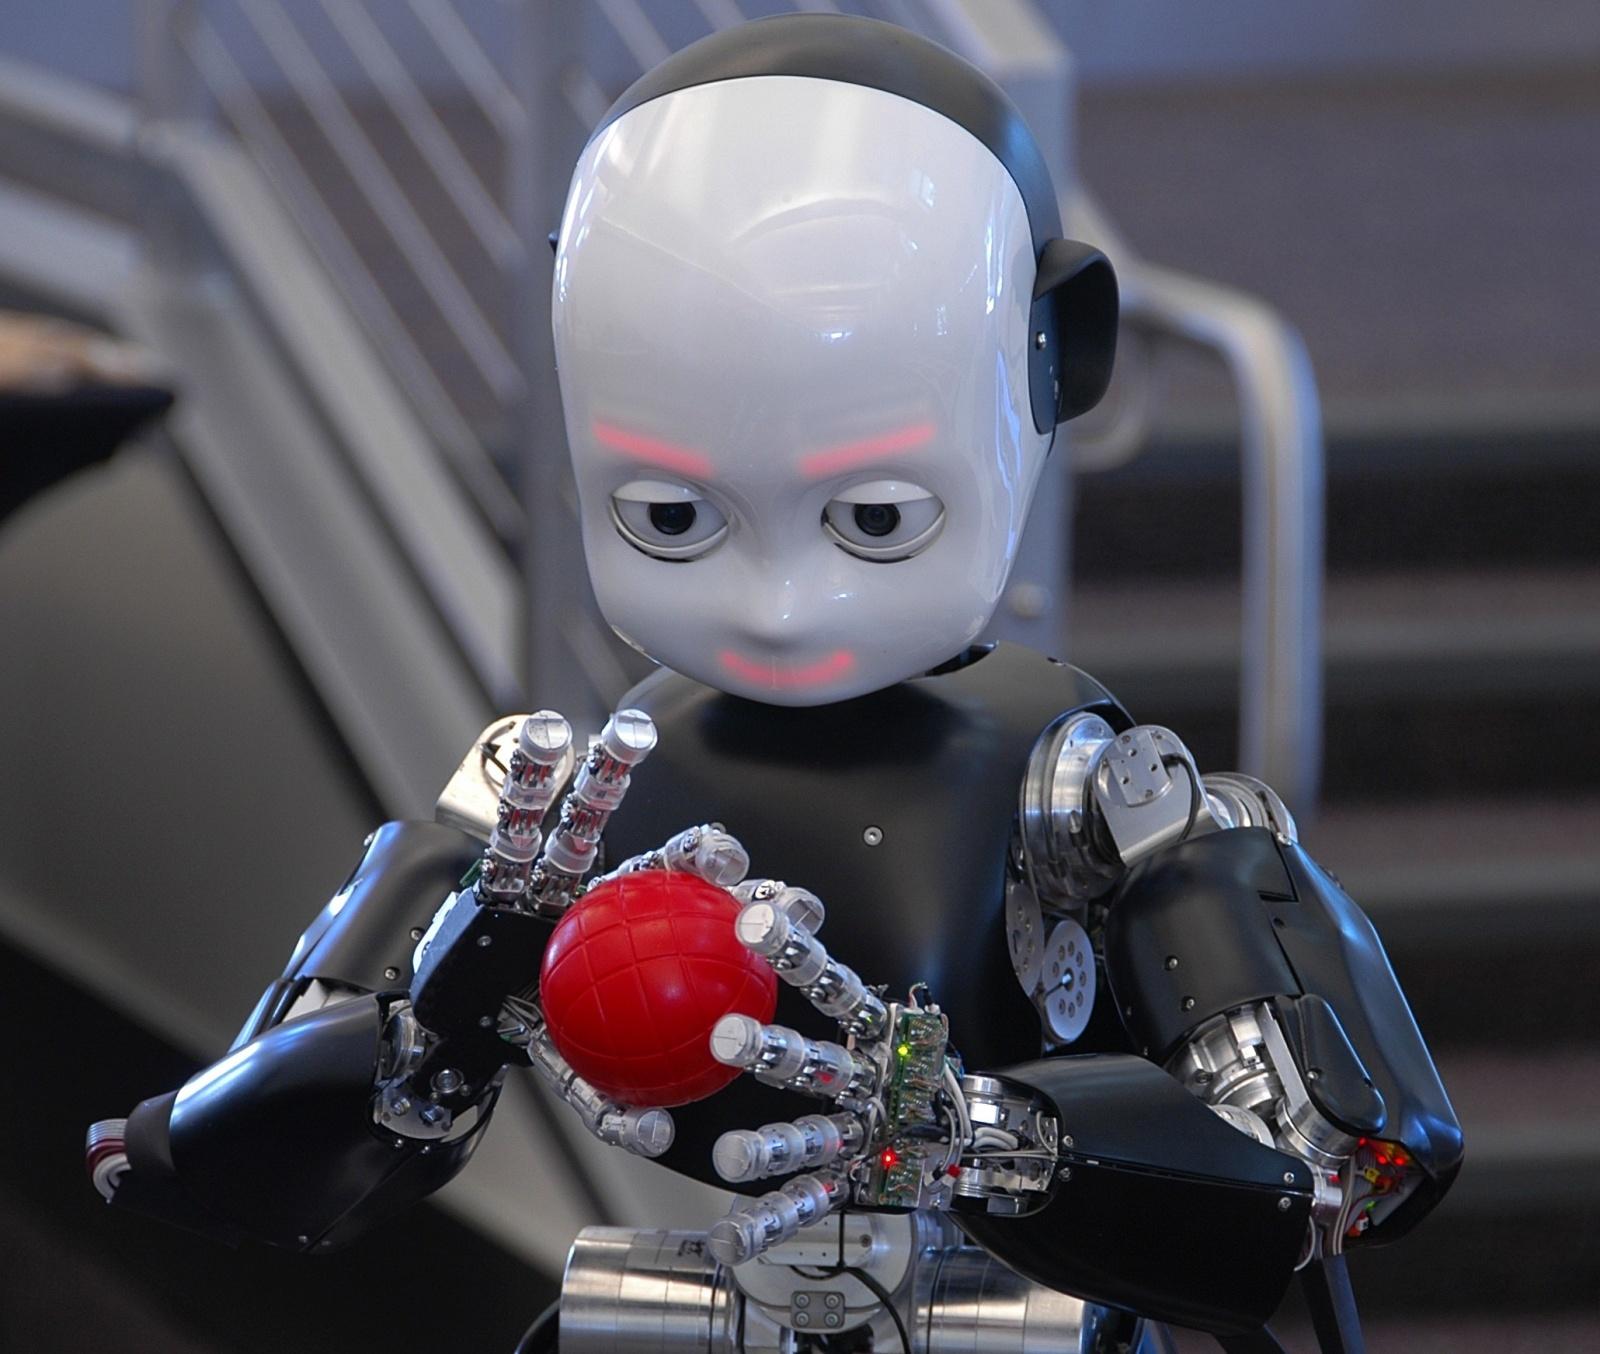 YouTube удалил битвы роботов за «насилие над животными». Вопрос: это ошибка или нет - 3